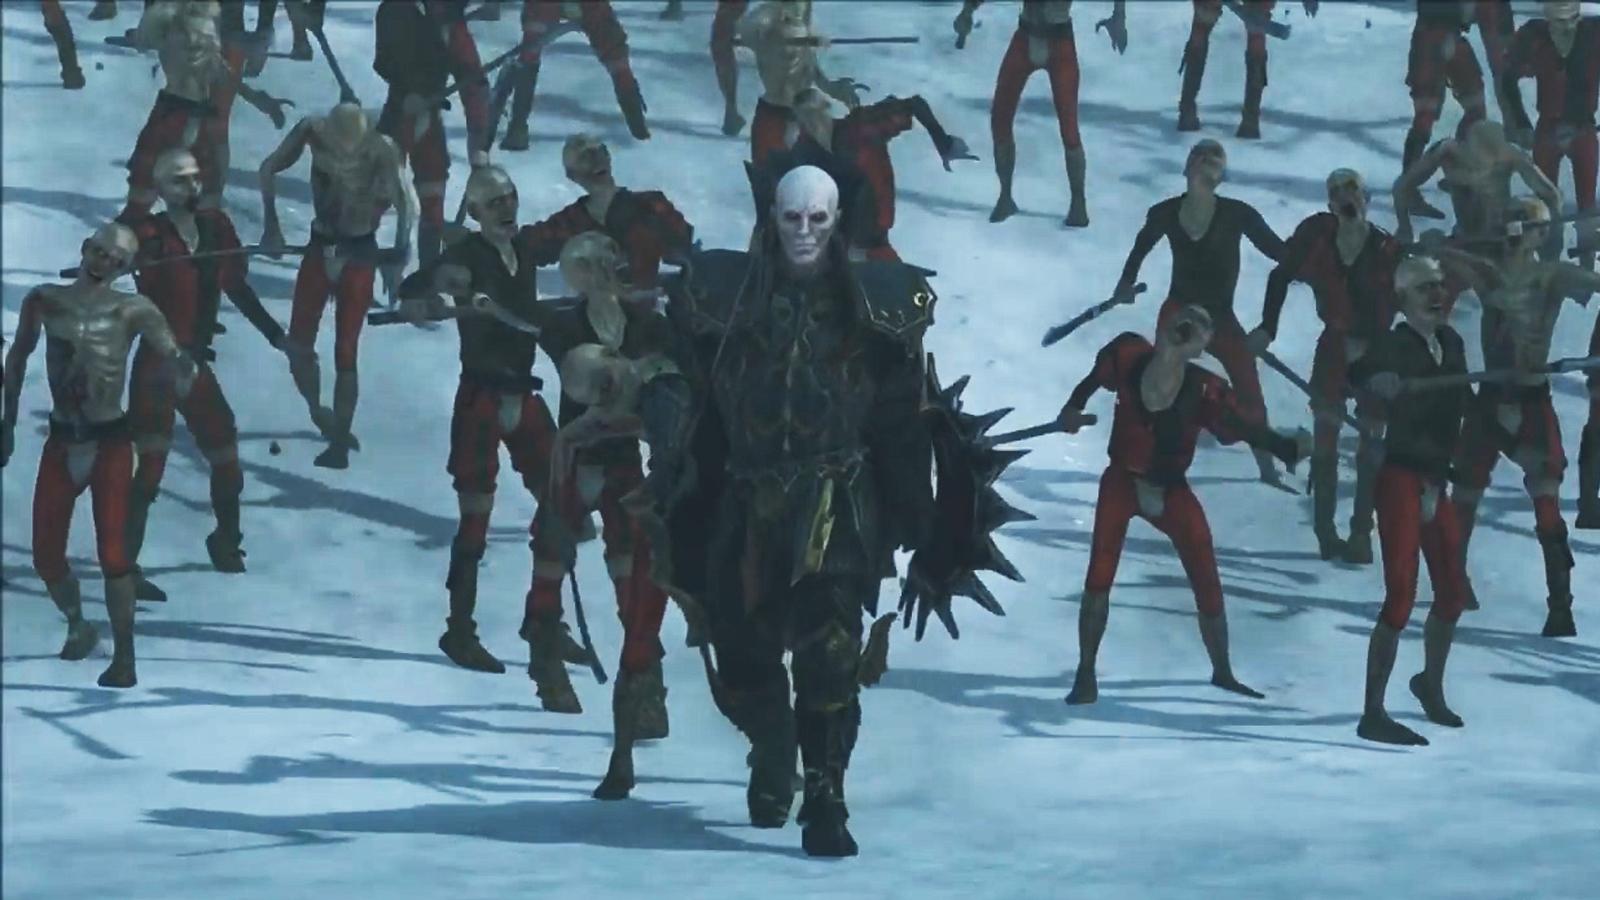 """有人用《全面戰爭:戰錘2》模擬了一場""""臨冬城大戰"""",並指出了劇中戰略上的不合理"""